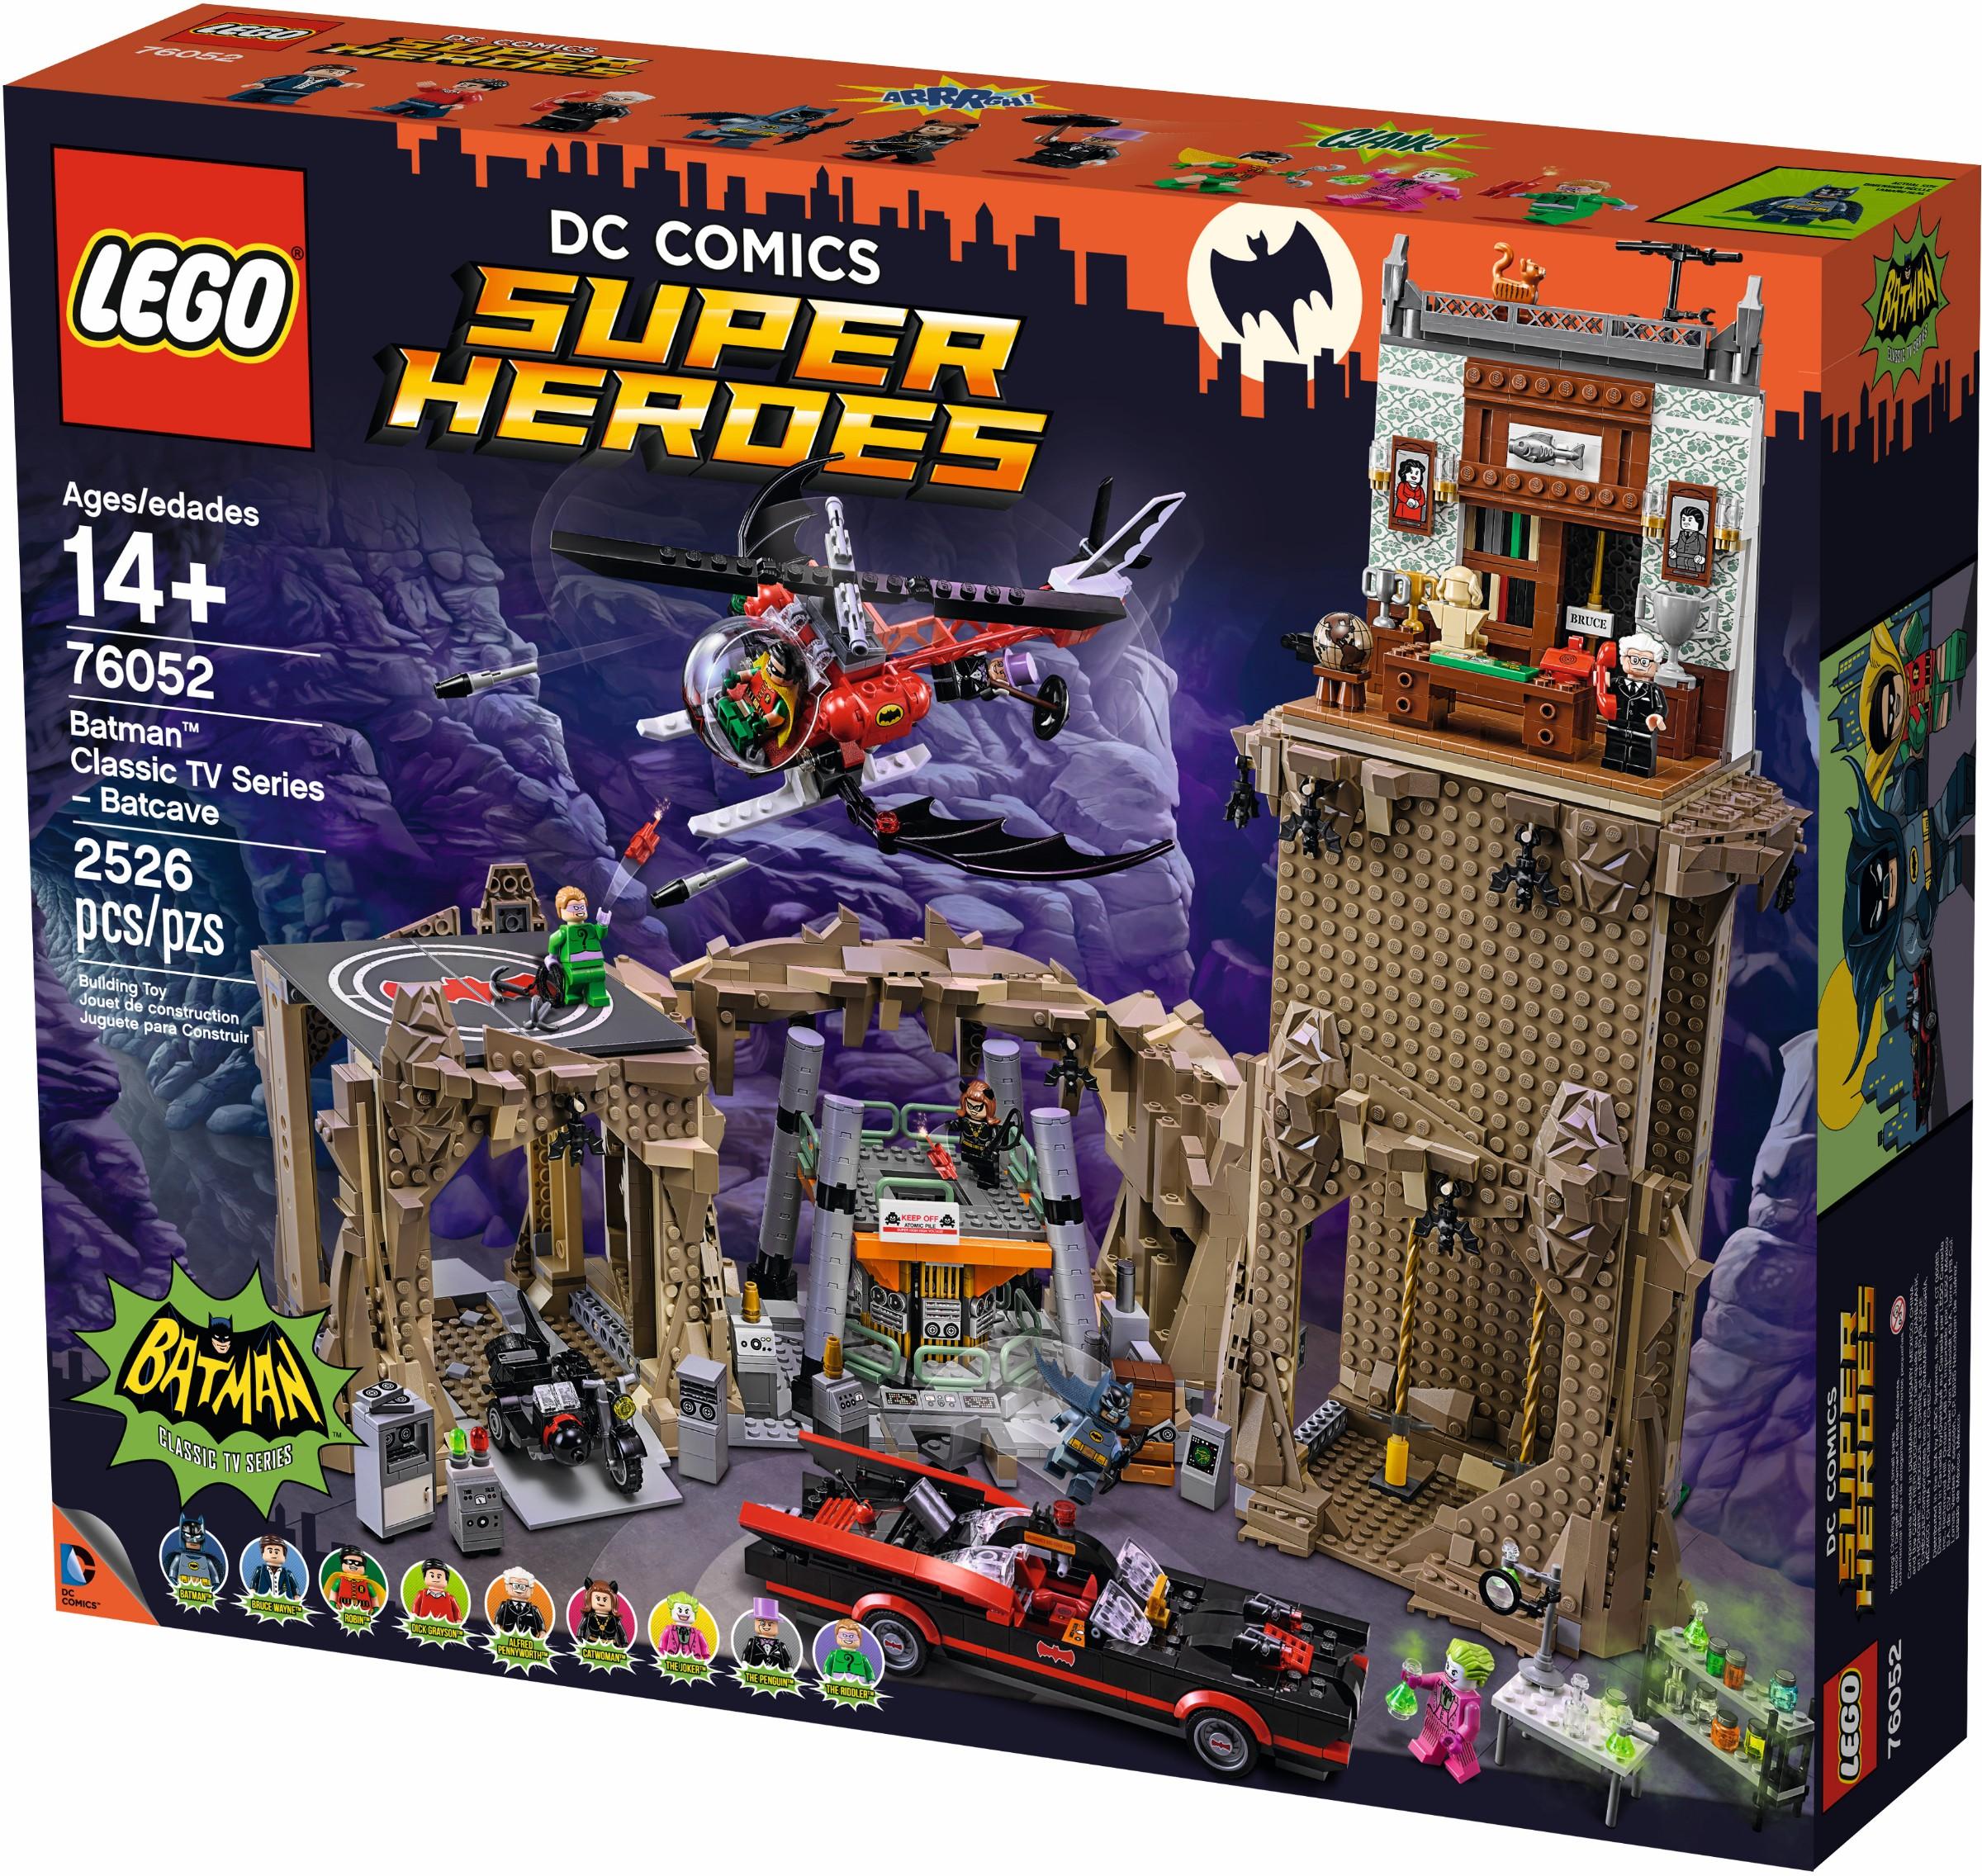 Lego 76052 Batman classic TV series – Batcave – 2